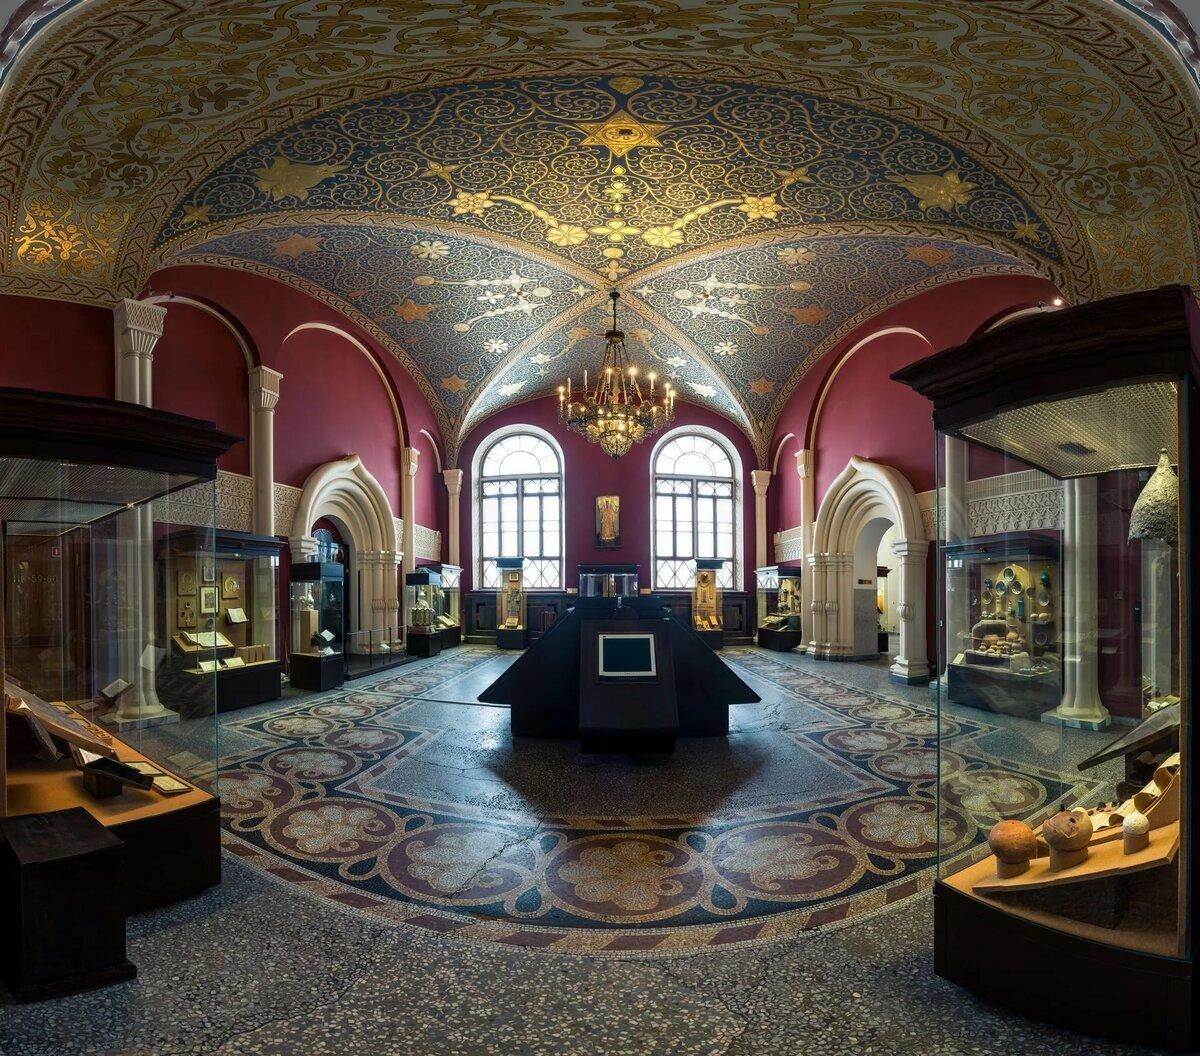 моментом, картинка музей истории москвы готовится очень просто